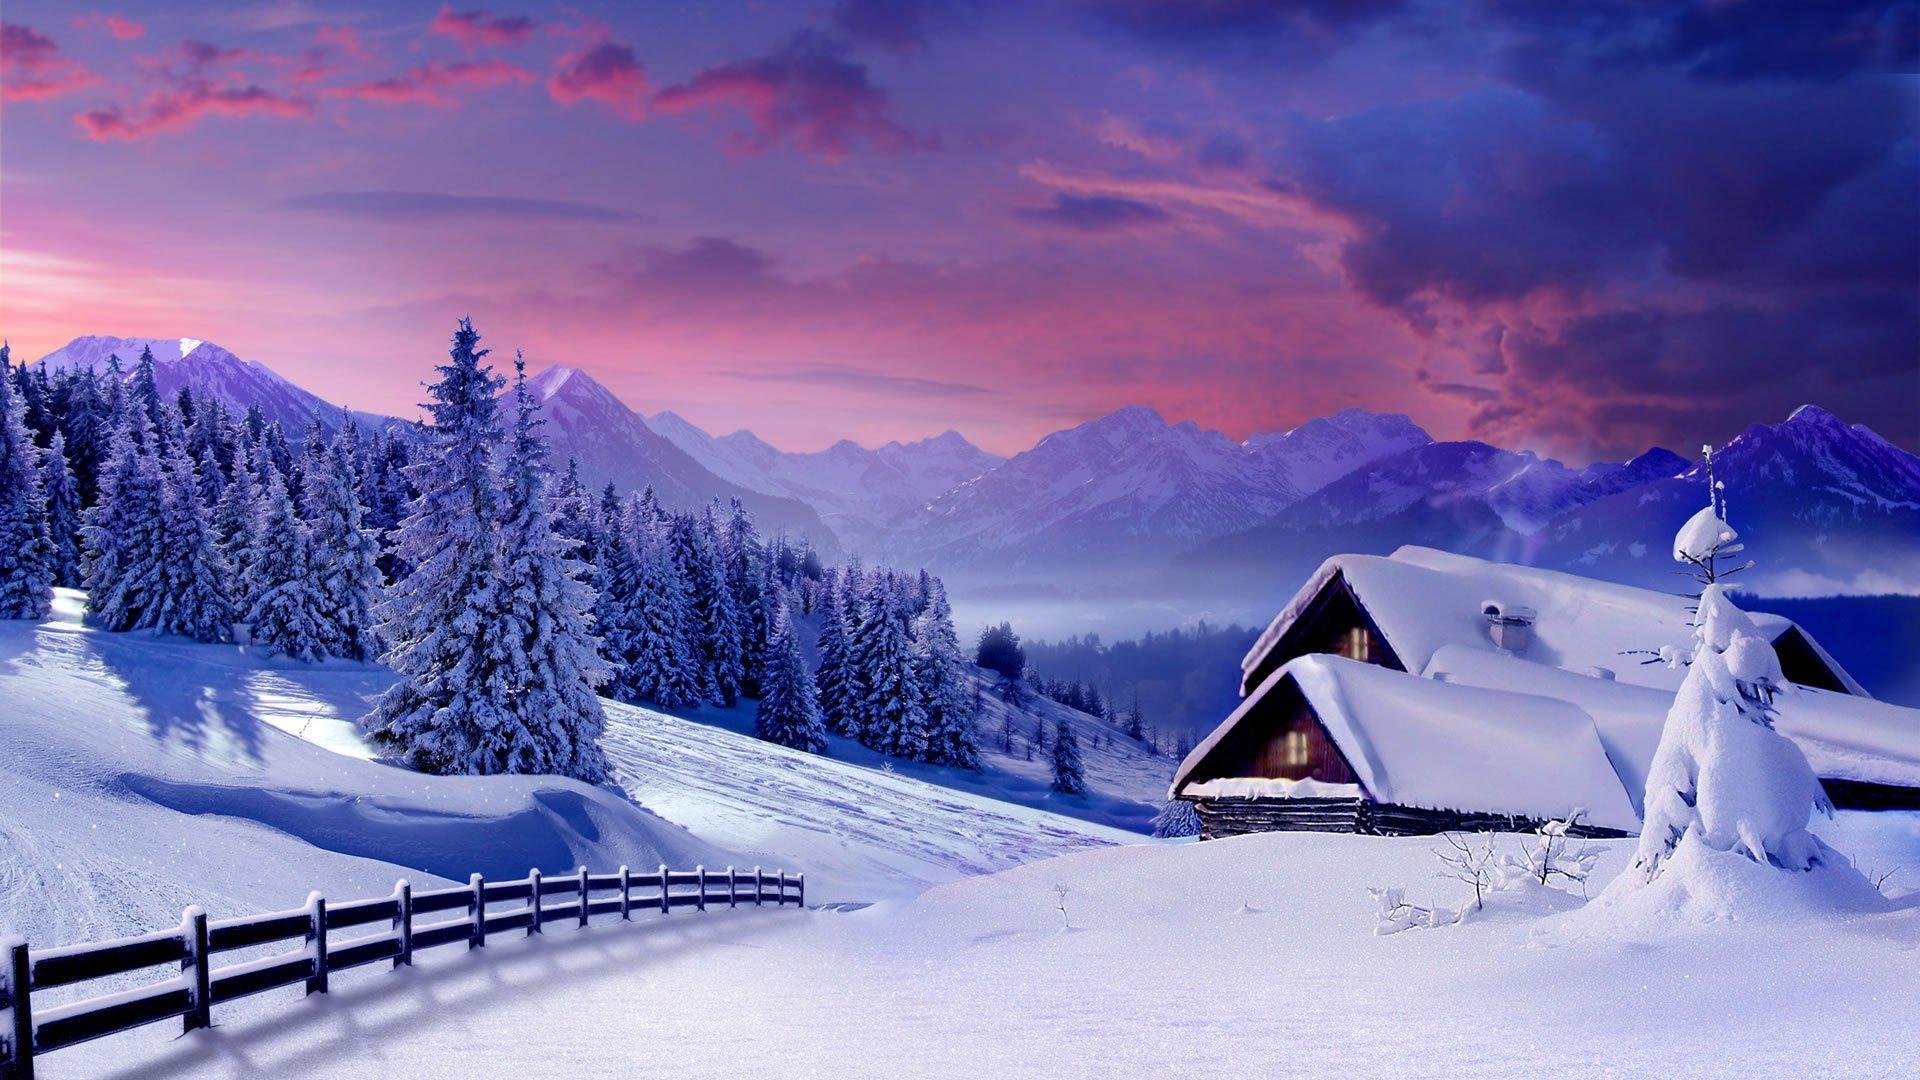 house-in-snowy-mountains-fond_ecran_hd_neige